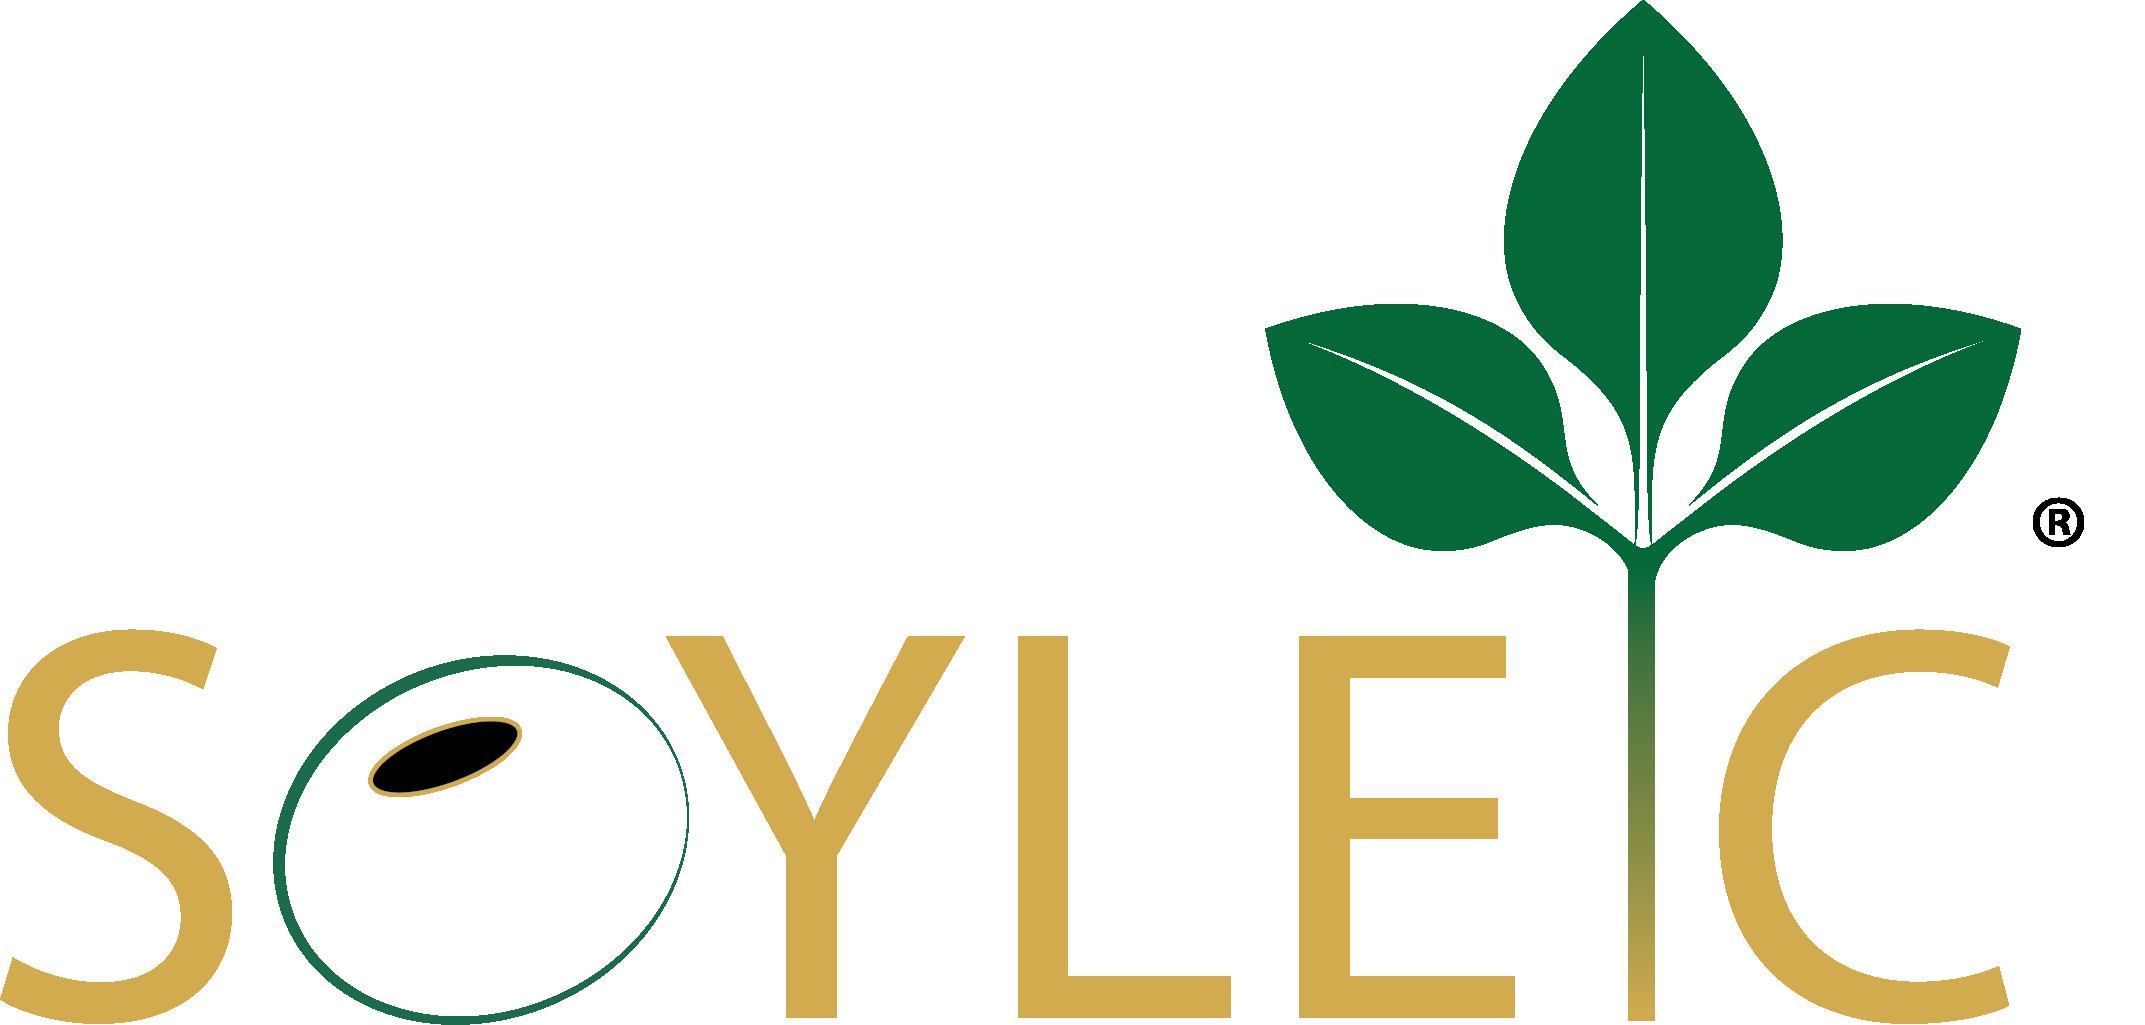 SOYLEIC